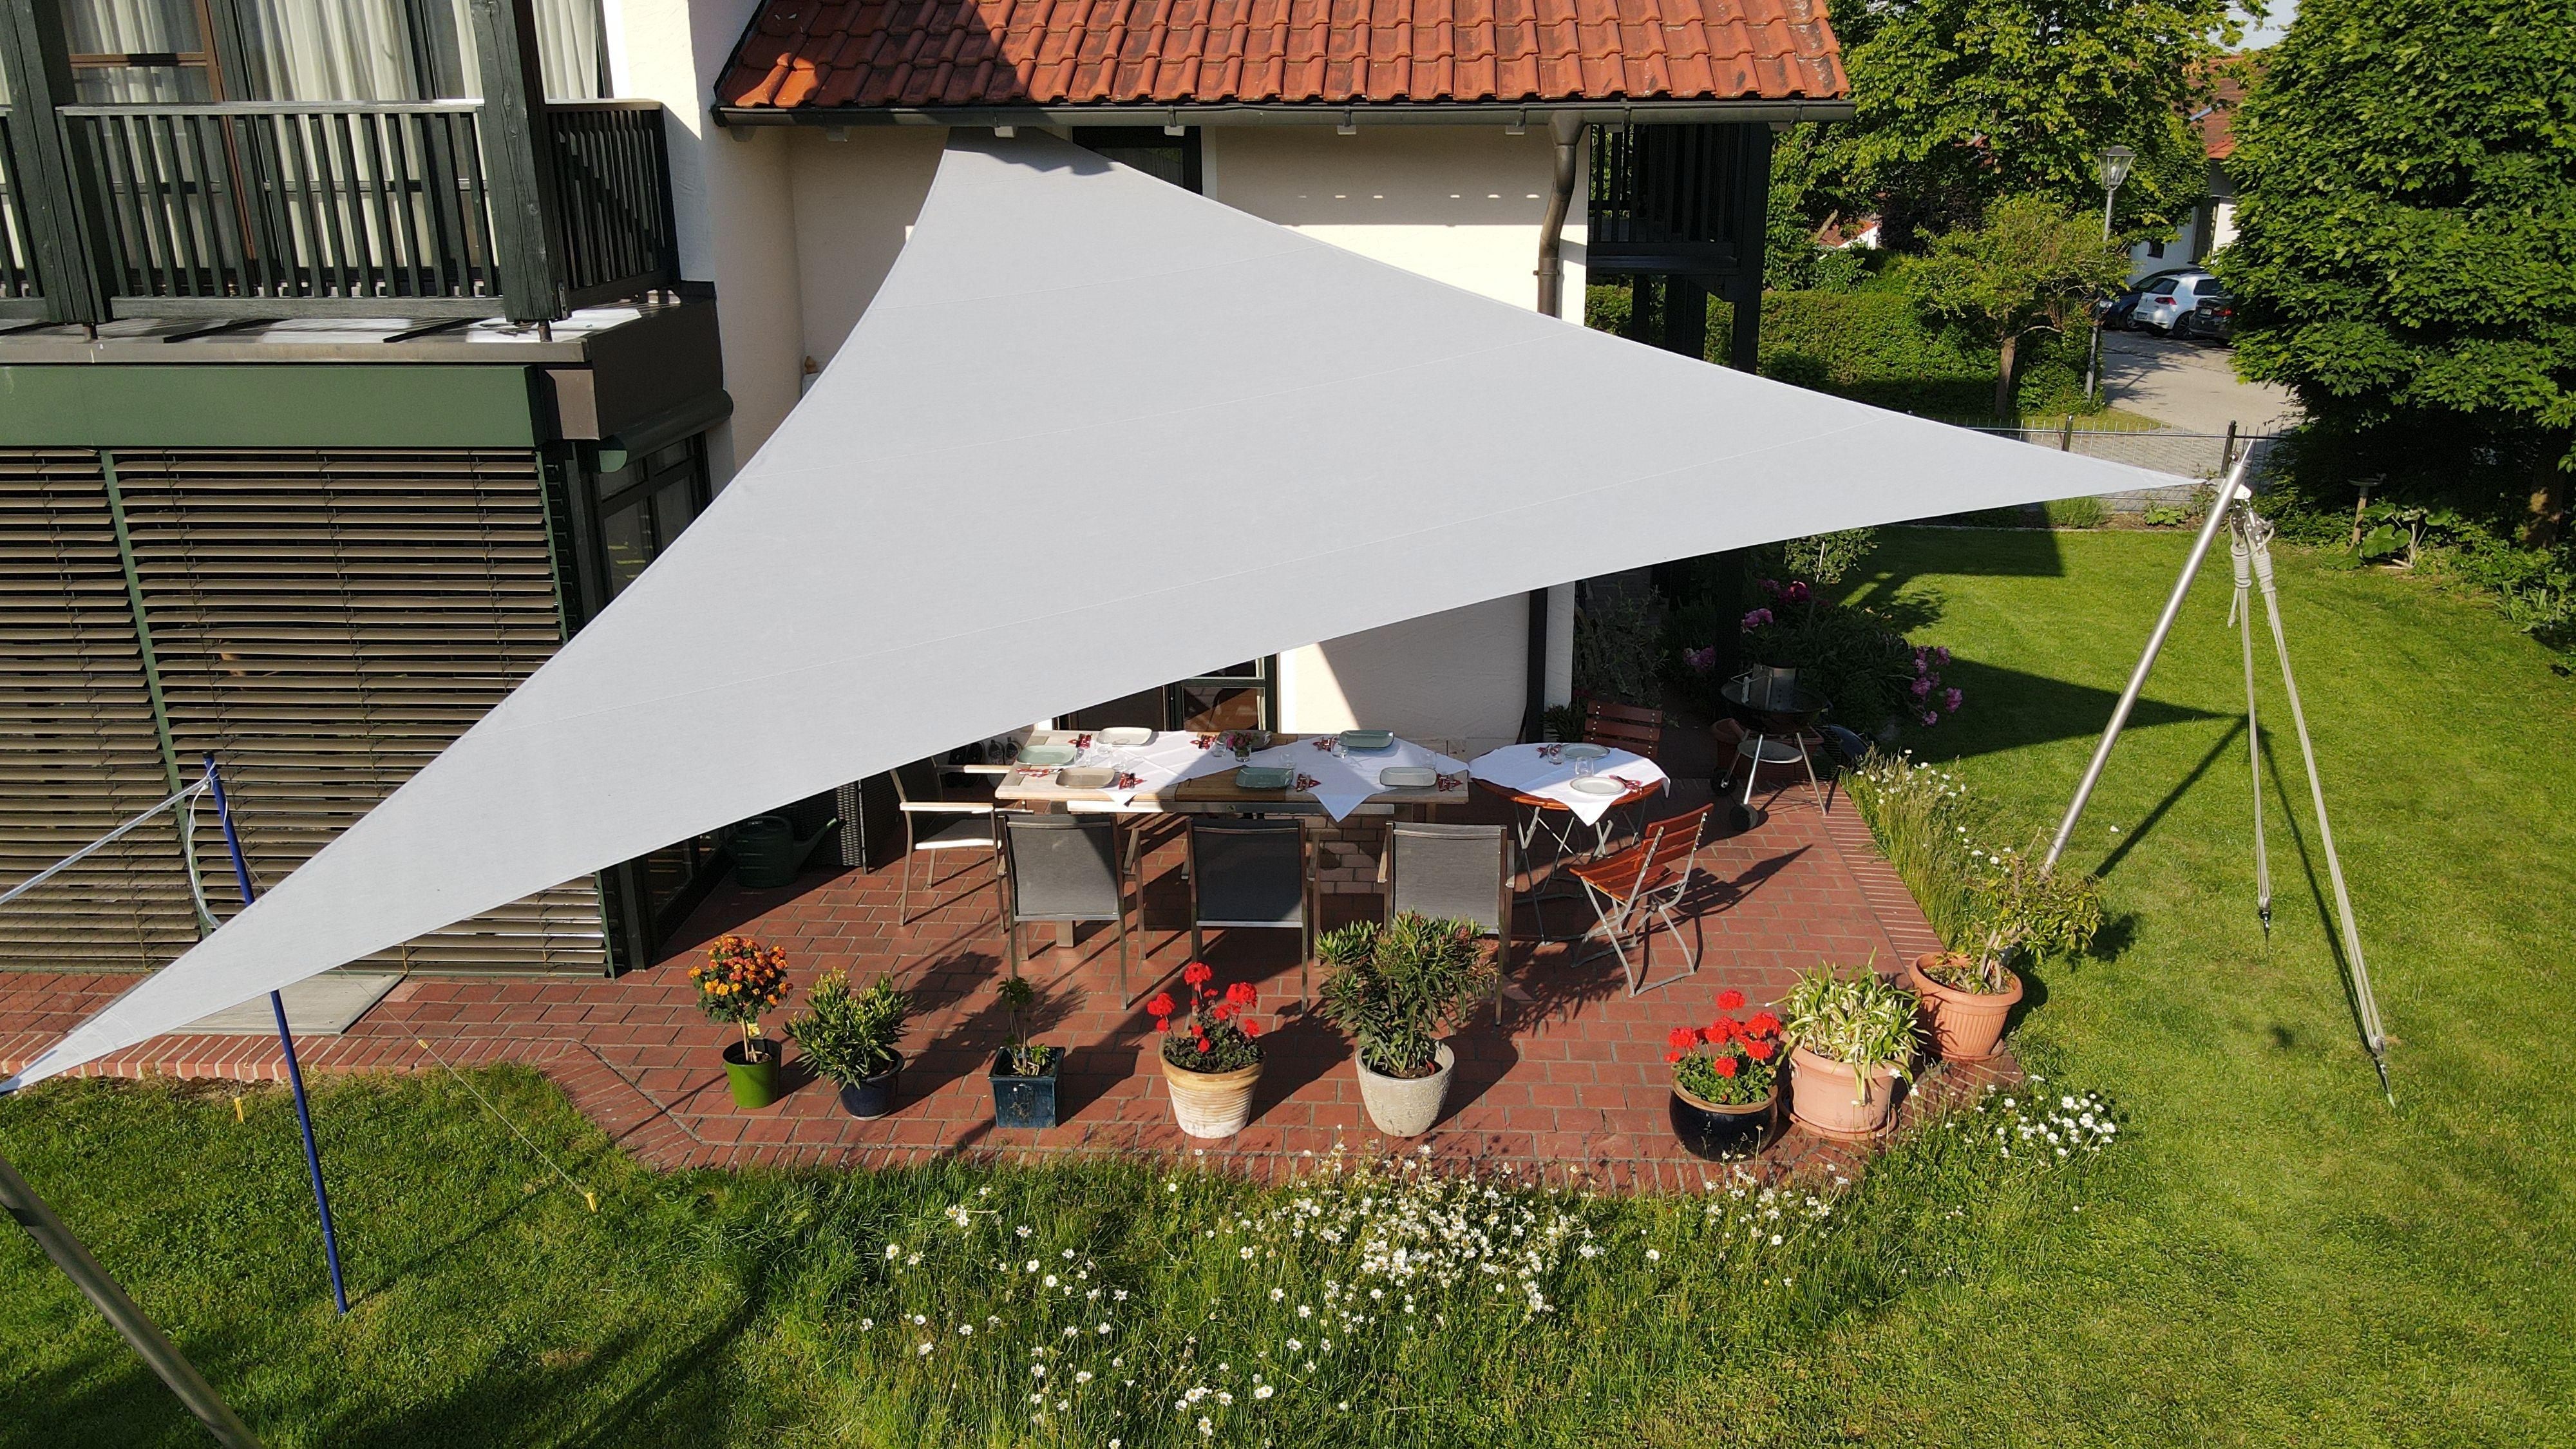 klassisches Dreipunkt  Sonnensegel Dreieck als Sonnenschutz auf ...